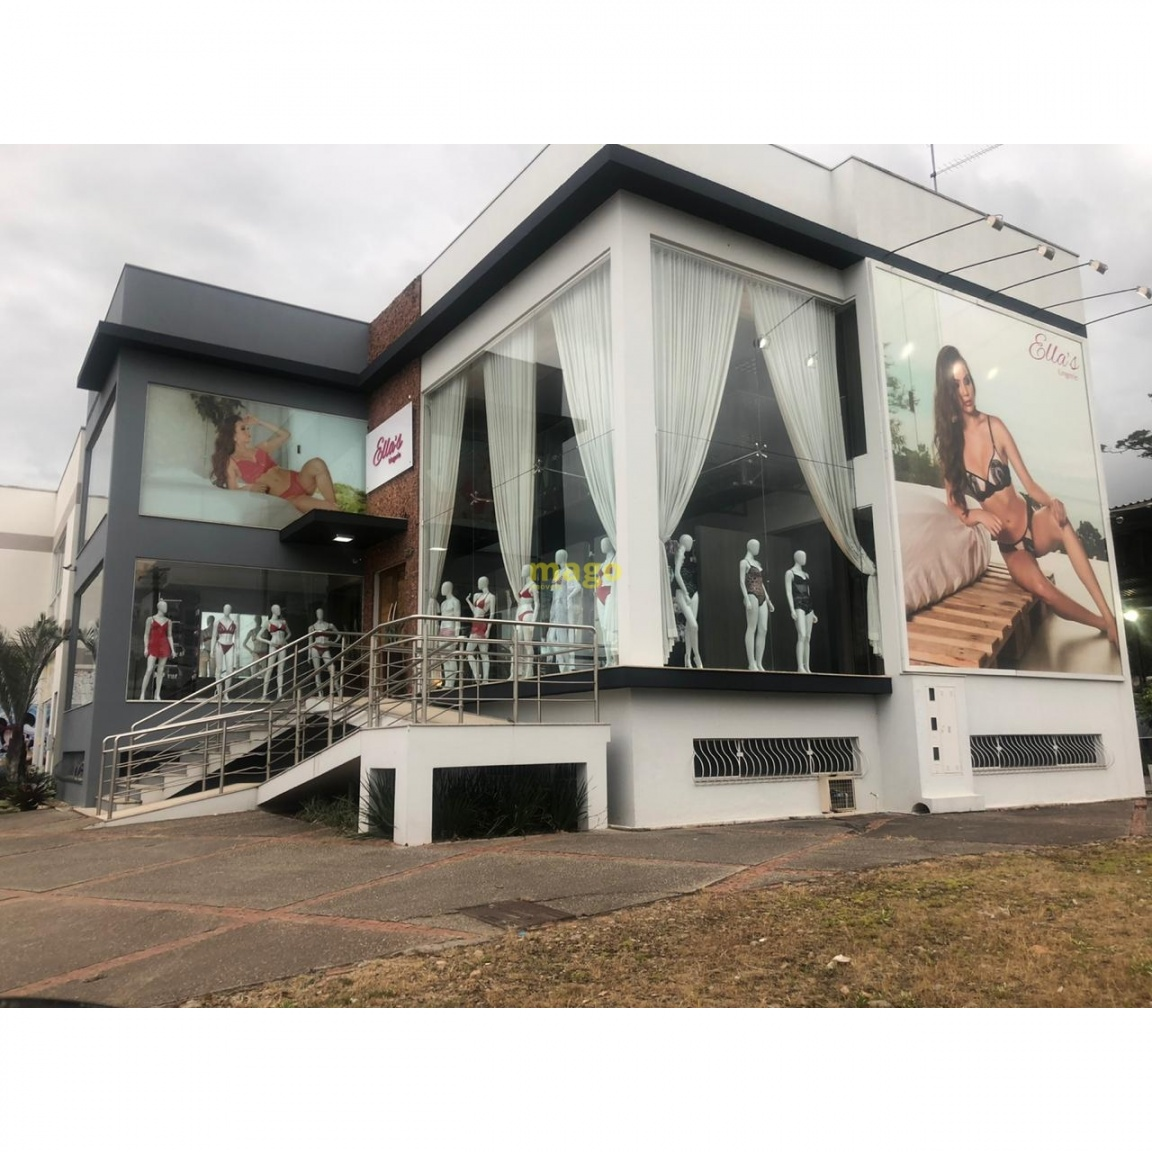 https://static.arboimoveis.com.br/PR0002_MAGO/imovel-comercial-para-venda-no-bairro-ilhota-em-ilhota-mobiliado-m-privativos-predio-comercial-centro-de-ilhota-1611938853659uxnjr.jpg